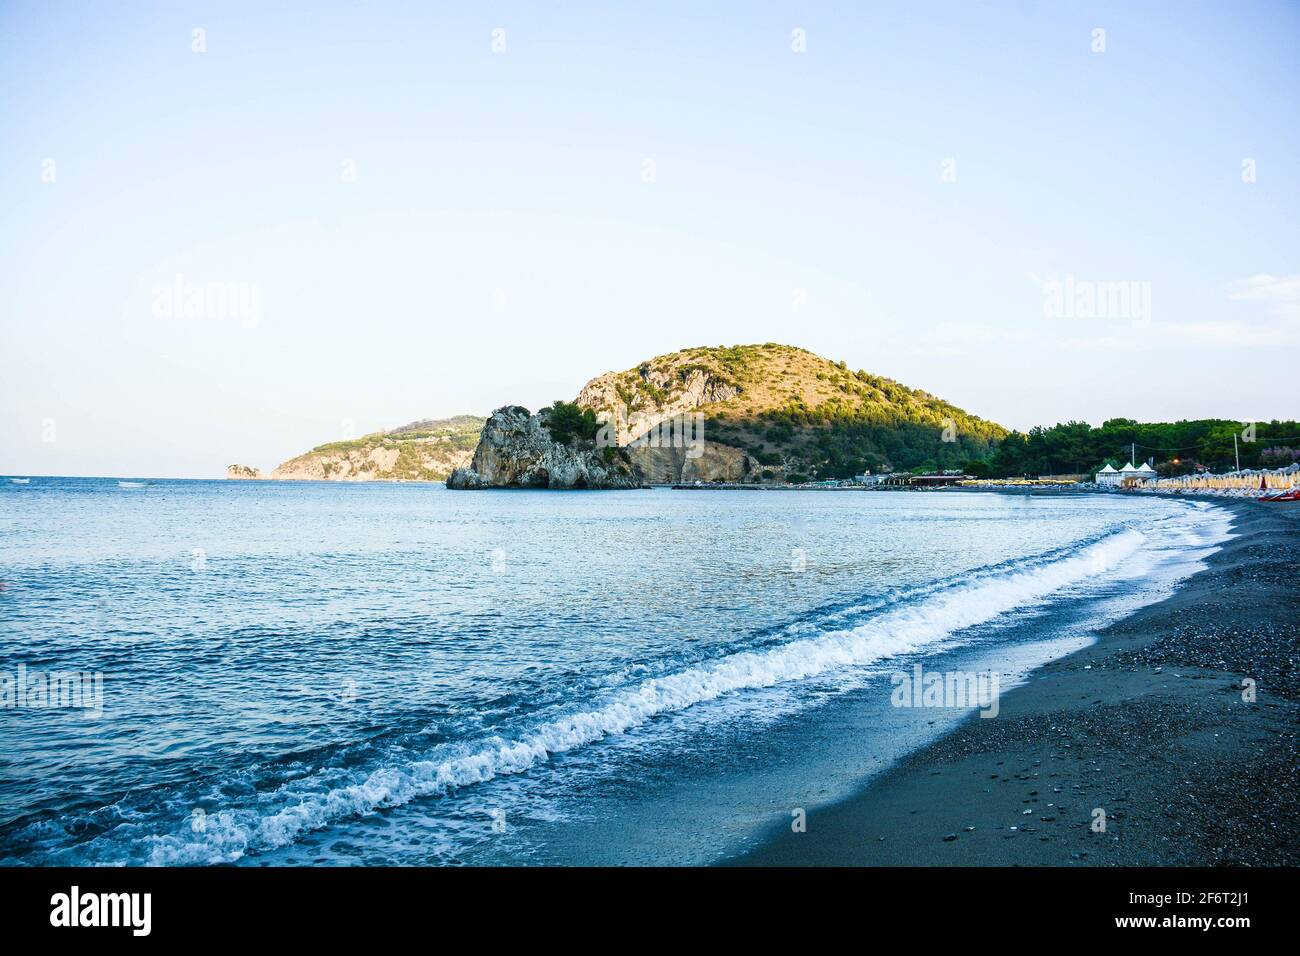 Vista de la larga playa de Palinuro y su acantilado en Italia. Foto de stock